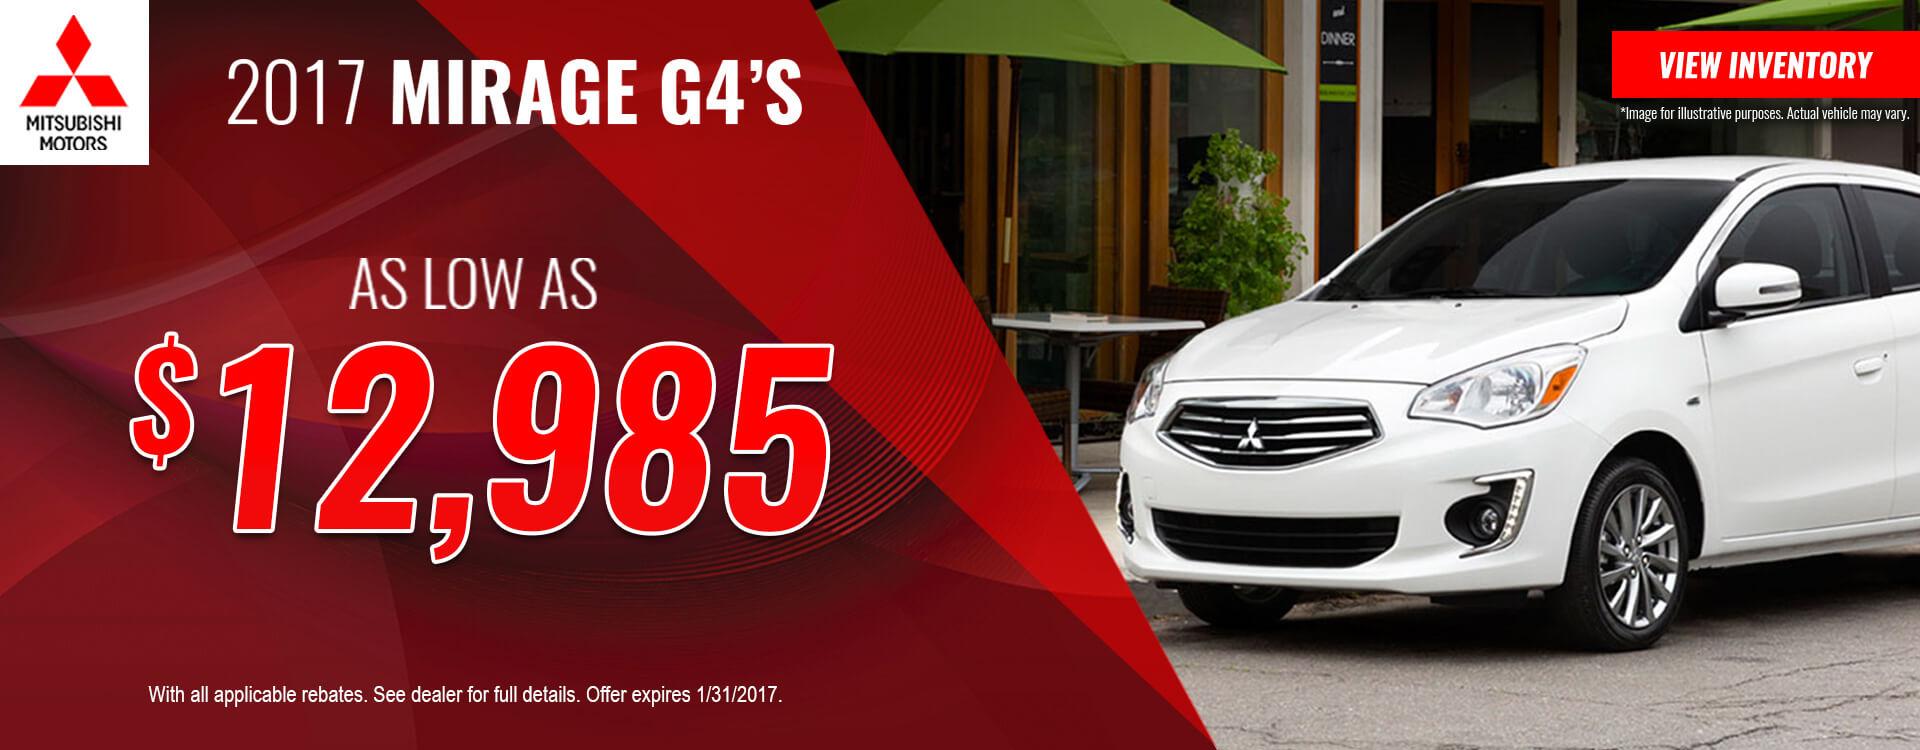 Mirage G4